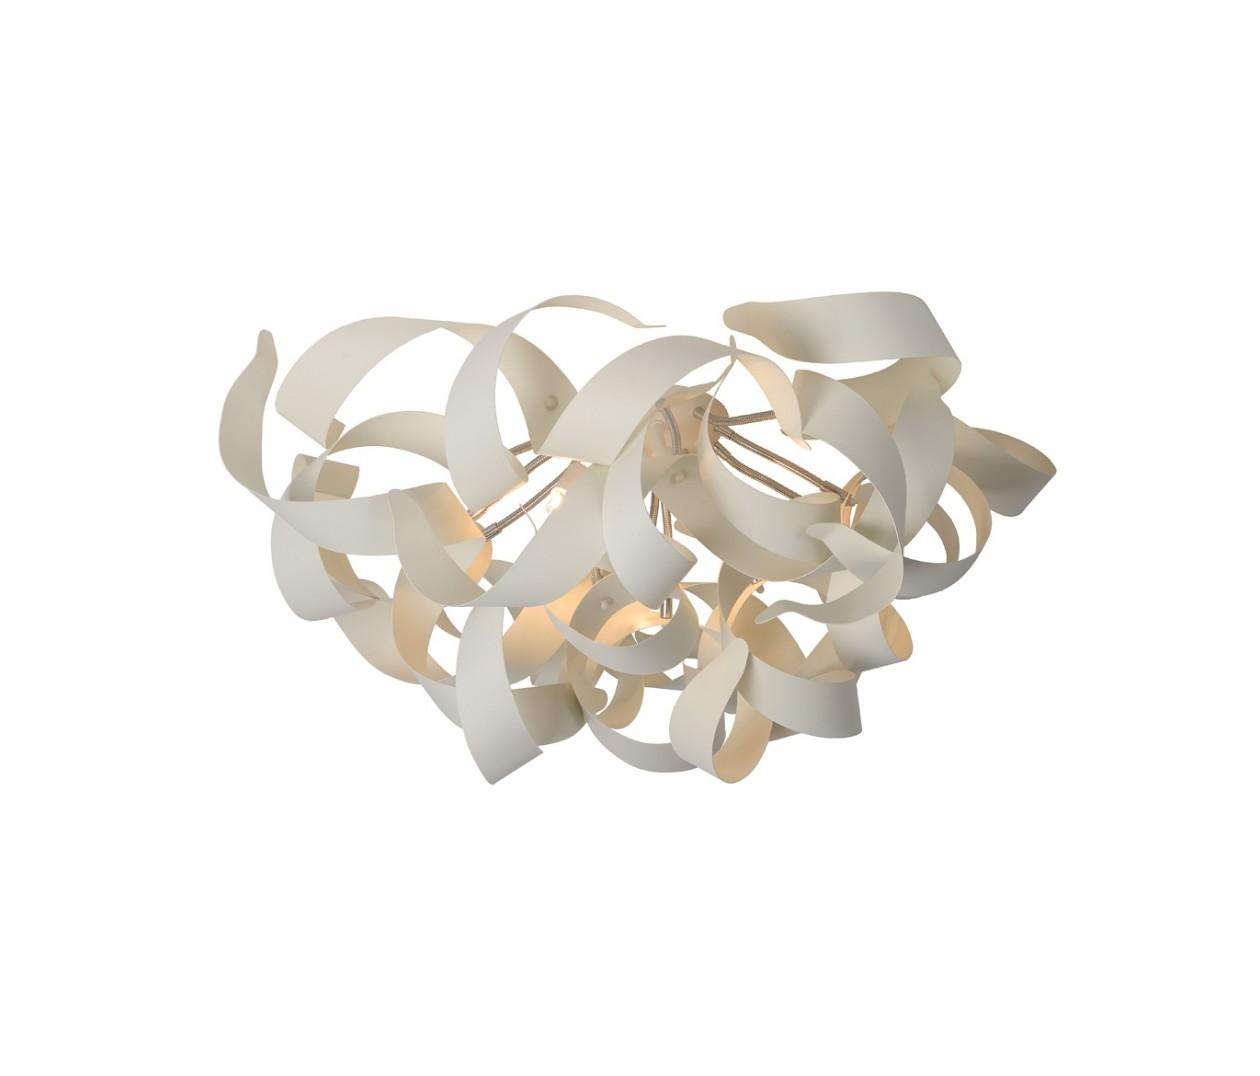 Потолочный светильник ATOMAПотолочные светильники<br>основание: металл<br>плафон: металл/белый<br>диаметр: 65 см<br>высота: 35 см<br>G9, 33W, 6 лампочек (в комплекте)<br><br>Material: Металл<br>Height см: 35<br>Diameter см: 65